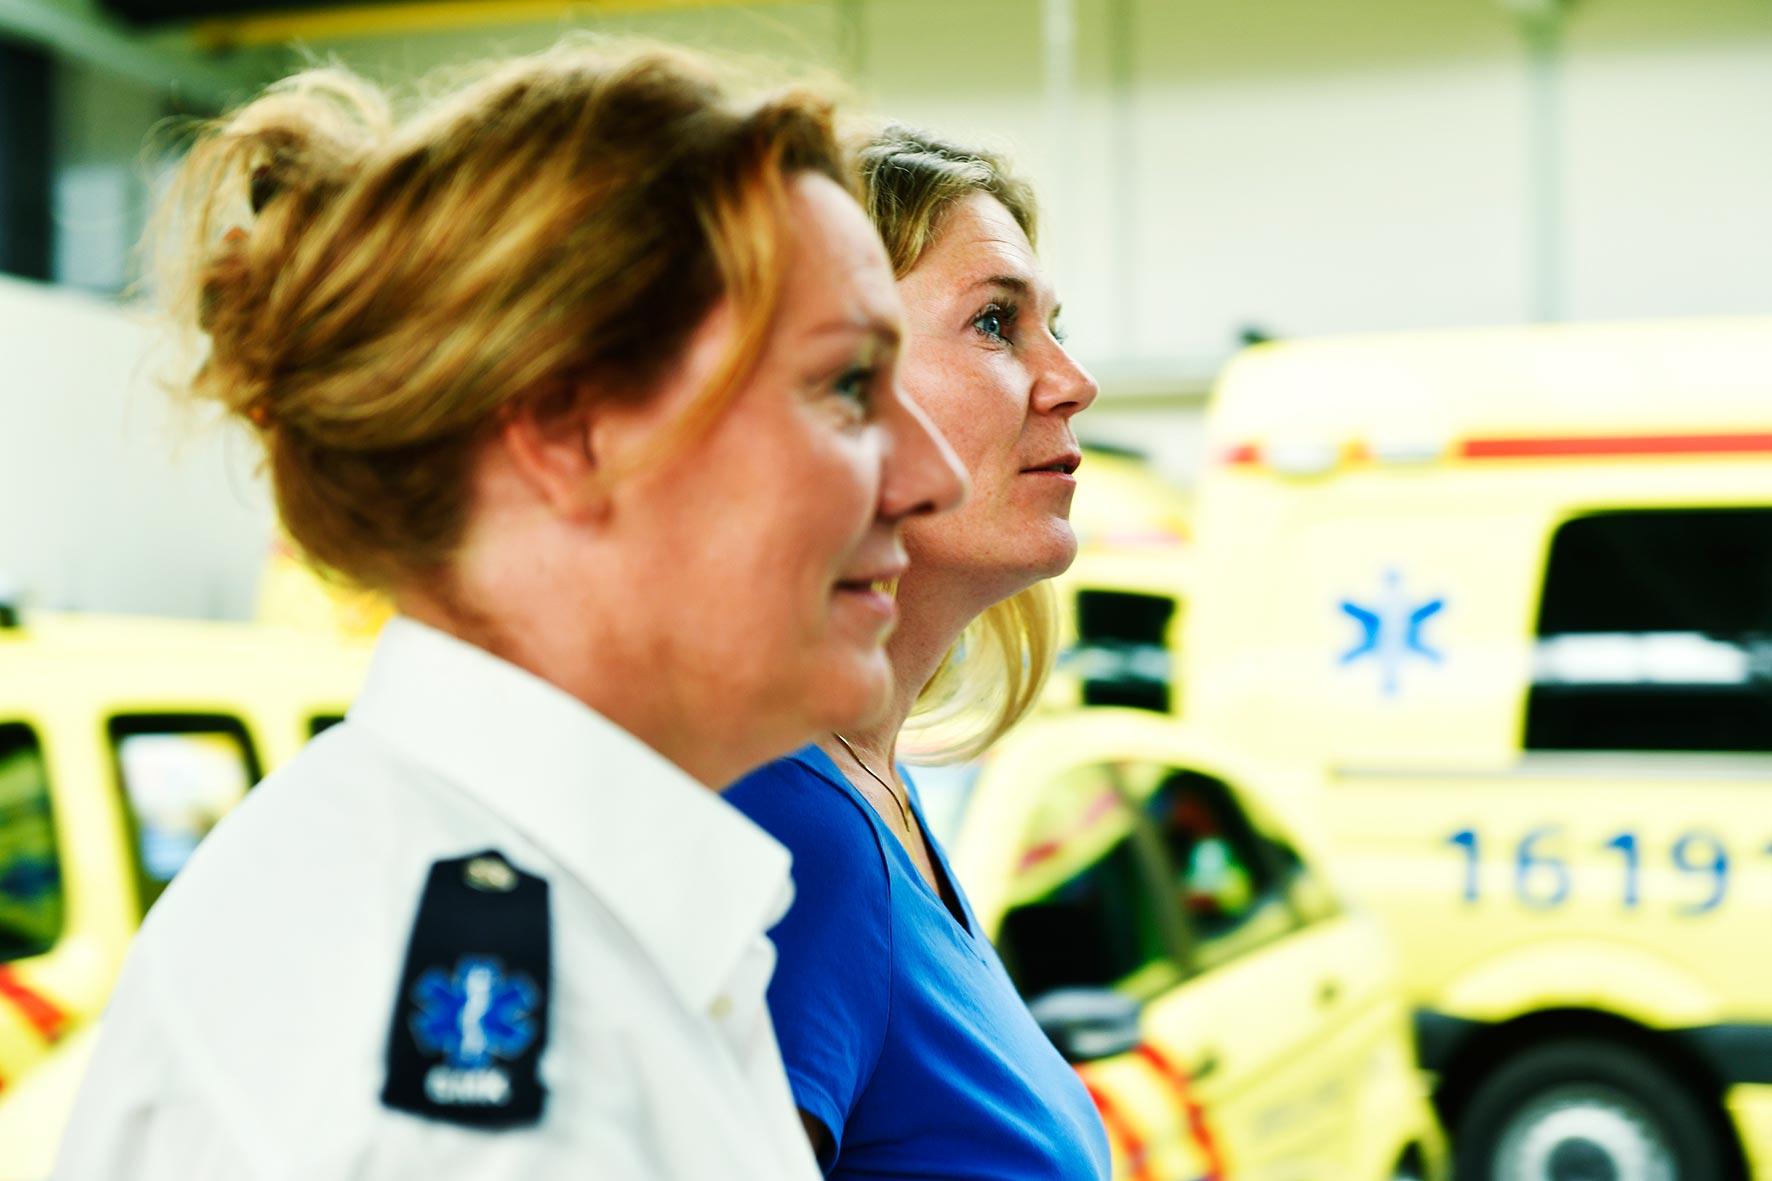 156011 Werken bij de Ambulancedienst, recruitment campaign>2016